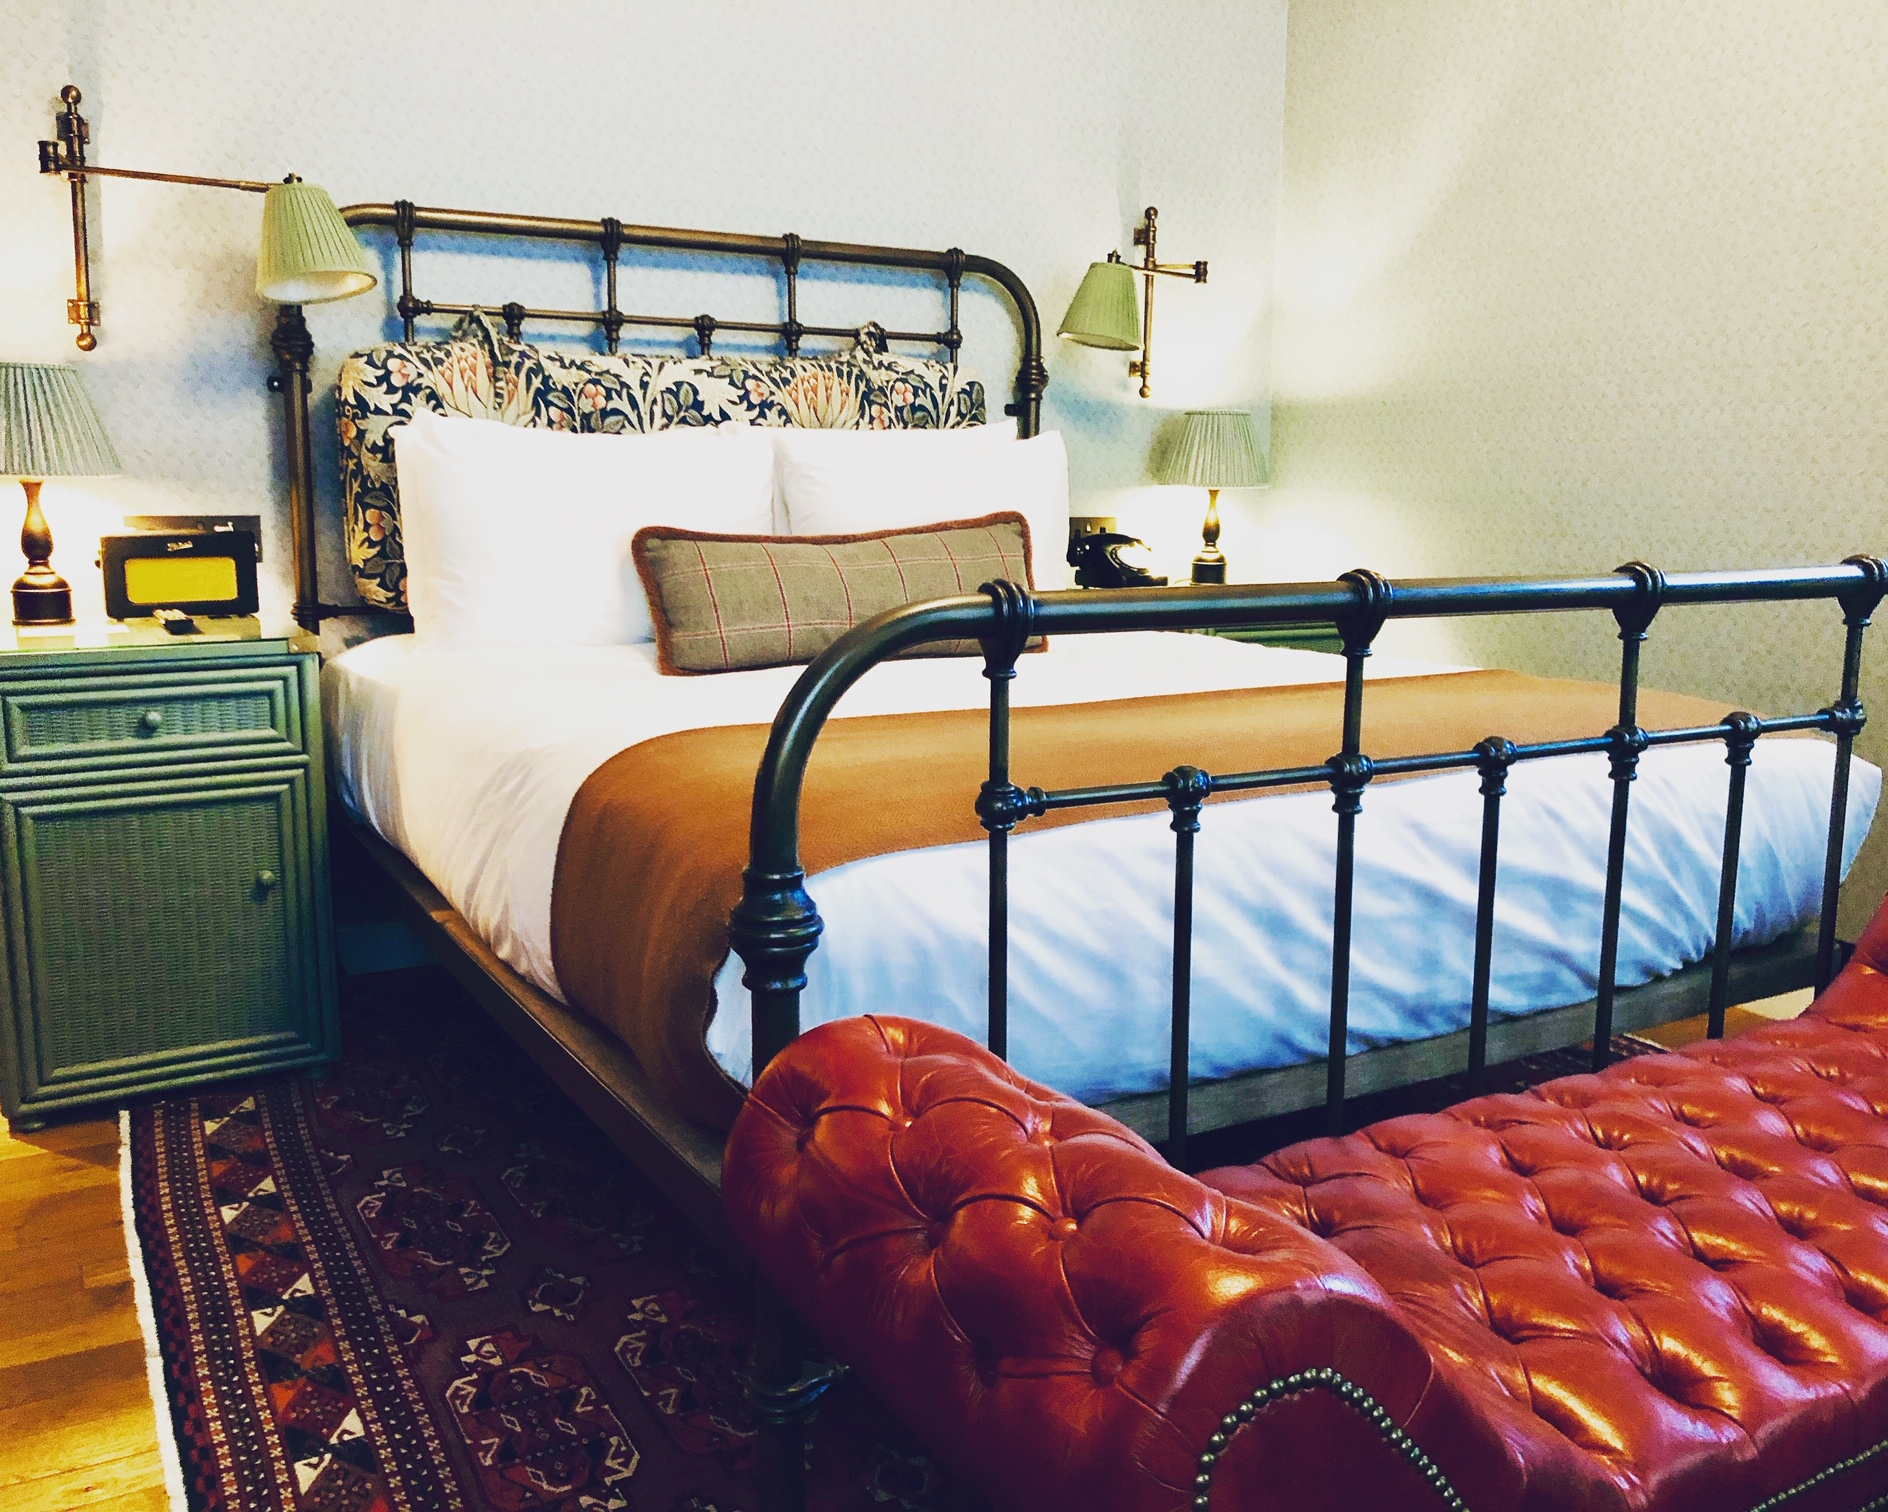 The Ned, Luxury Hotel, WakeUpCall, Marketing, Hospitality